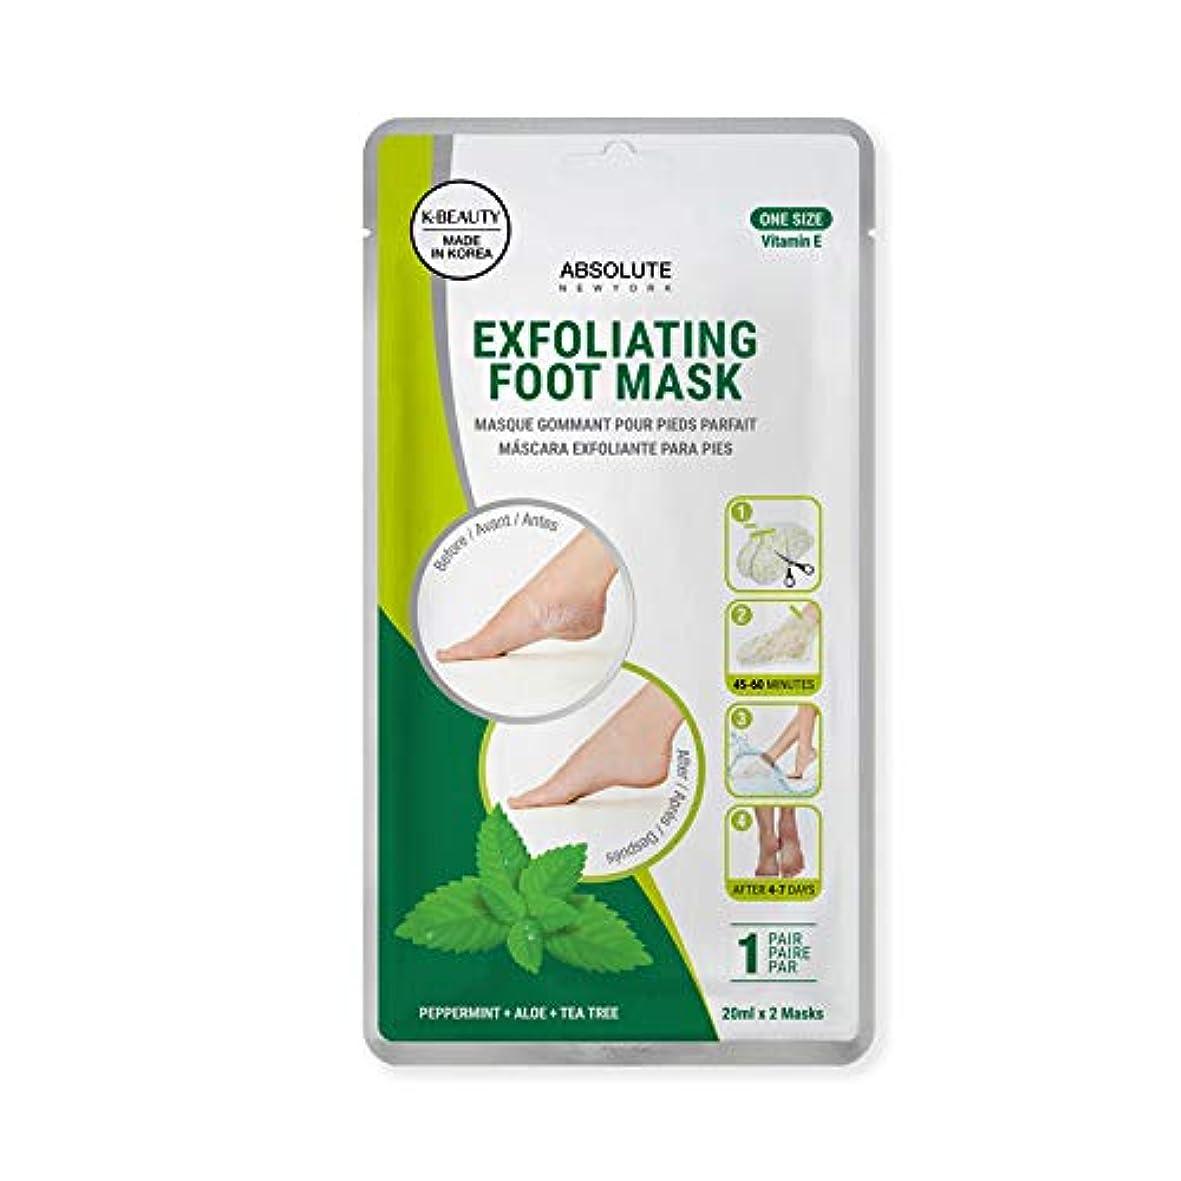 食事を調理するシエスタ恐怖症(6 Pack) ABSOLUTE Exfoliating Foot Mask - Peppermint + Aloe + Tea Tree (並行輸入品)